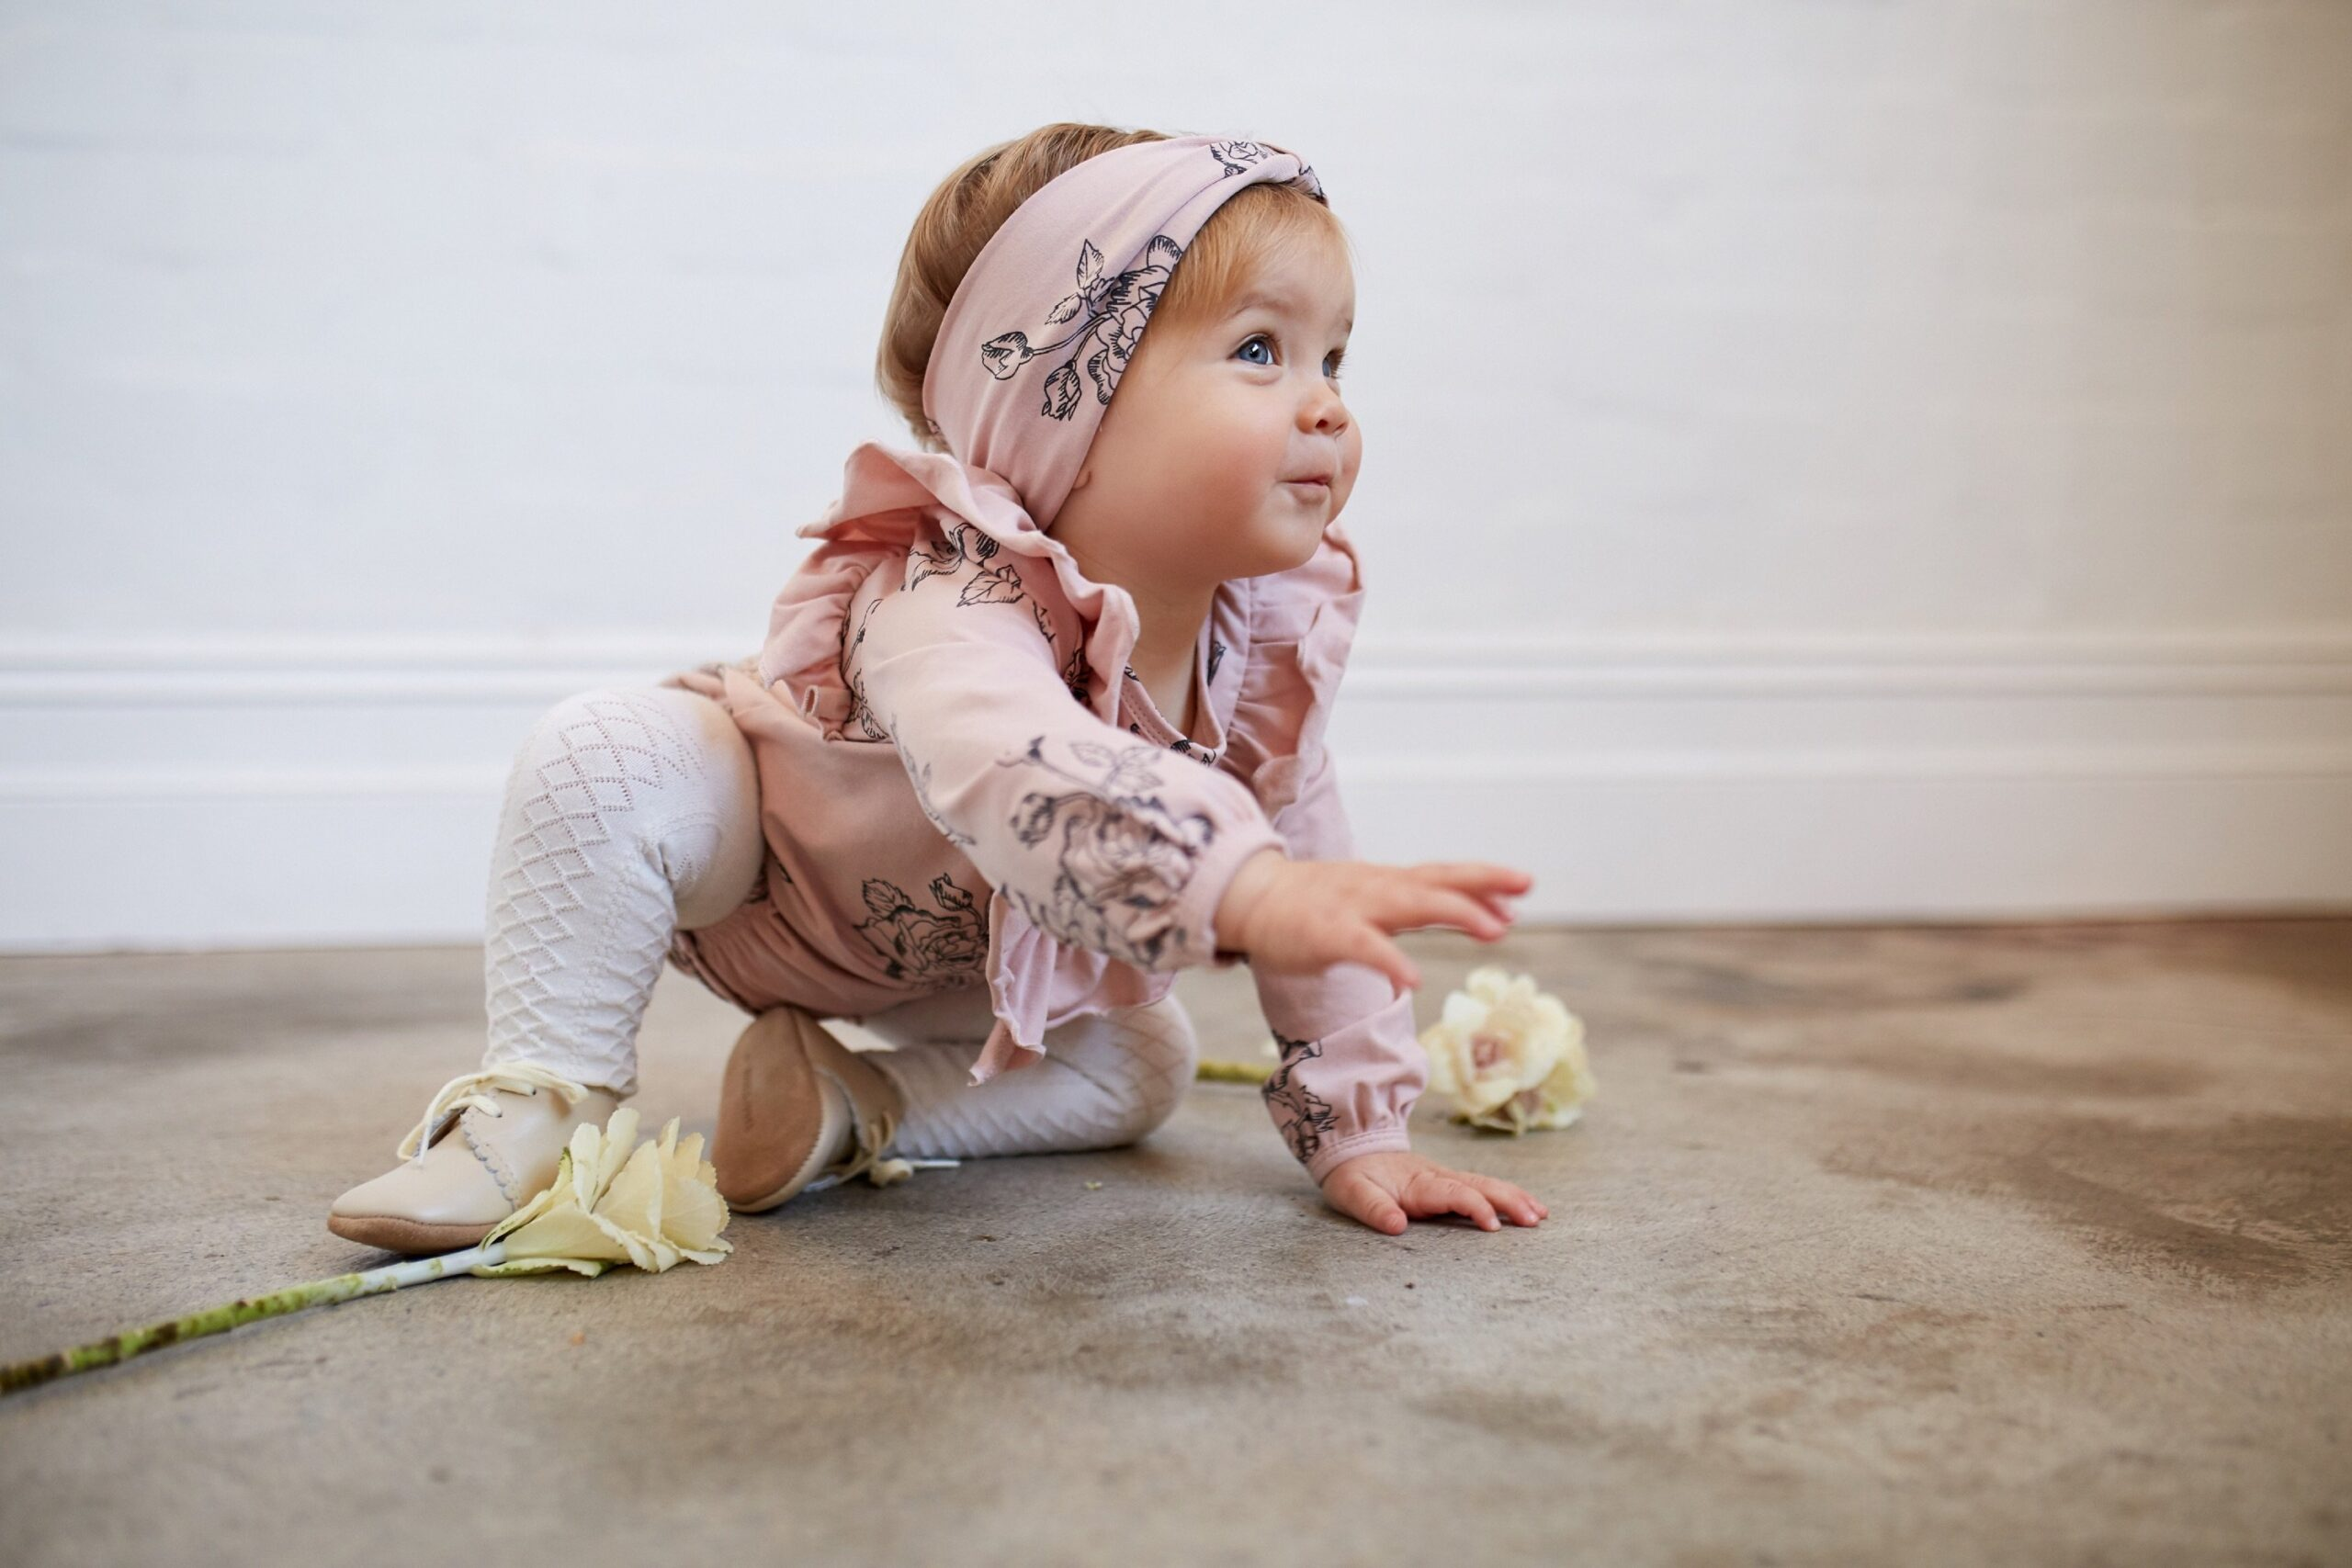 mad about mini babykleding, hippe babykleding meisje, babymeisje, get the look babykleding, hippe babykleding, hippe babykleertjes, babylabel